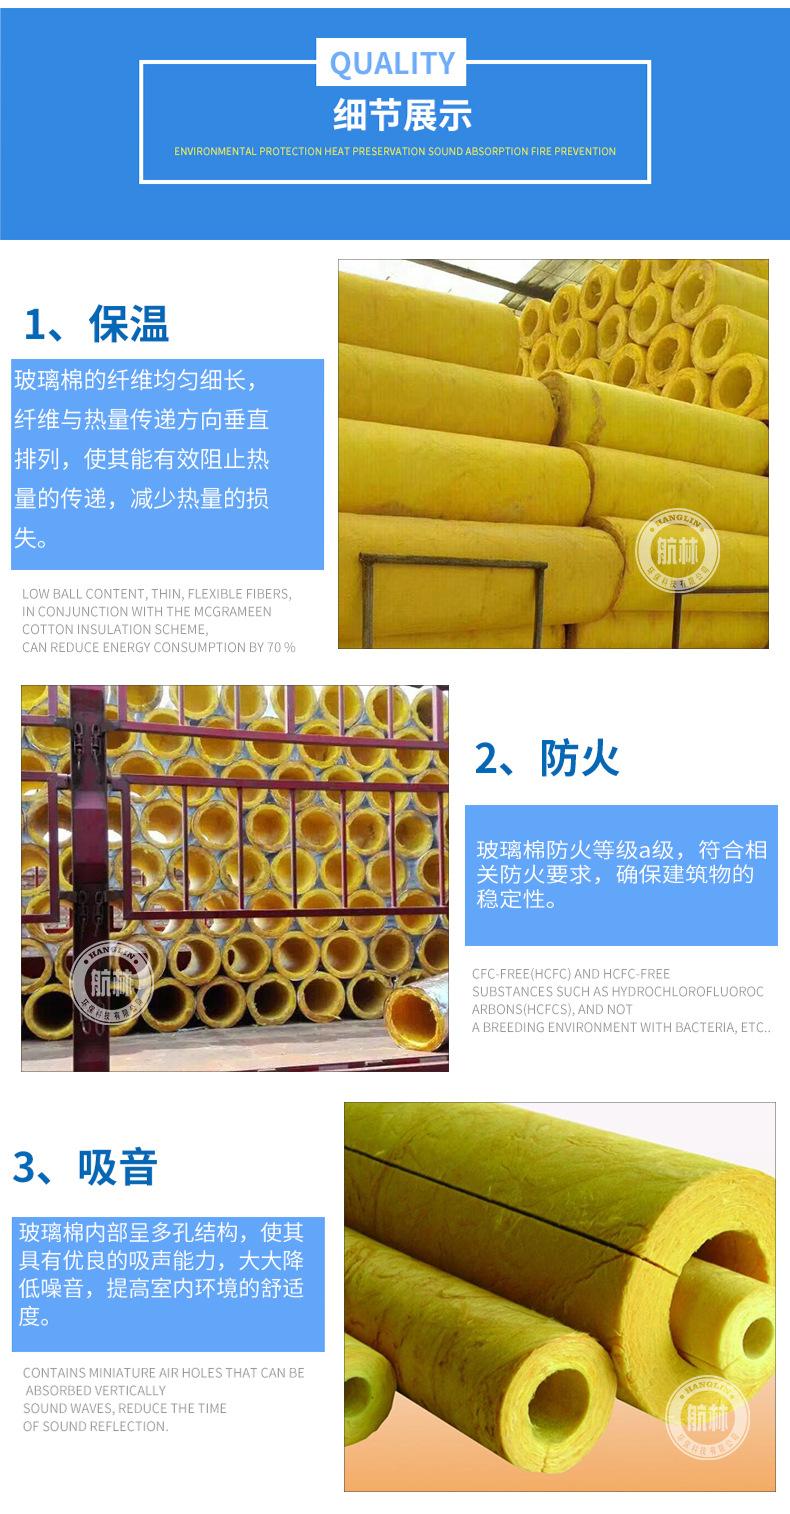 廠家直銷 貼箔A1級玻璃棉管 管道保溫玻璃棉管殼 一米多少錢示例圖7